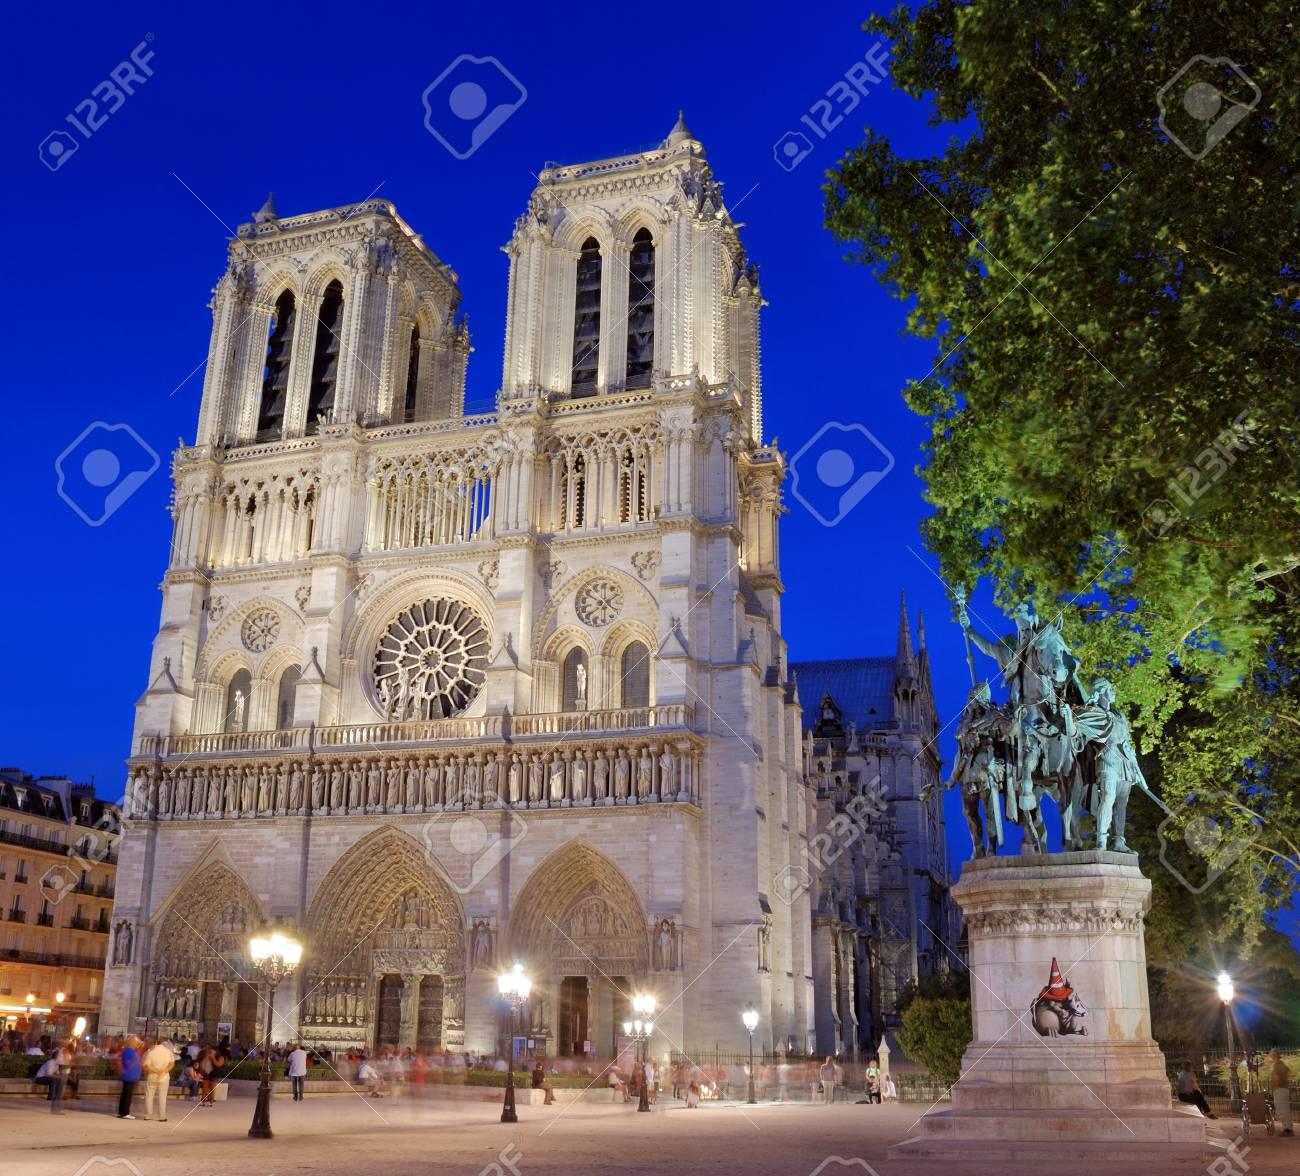 The cathedral Notre Dame de Paris in Paris, France. Stock Photo - 16019834